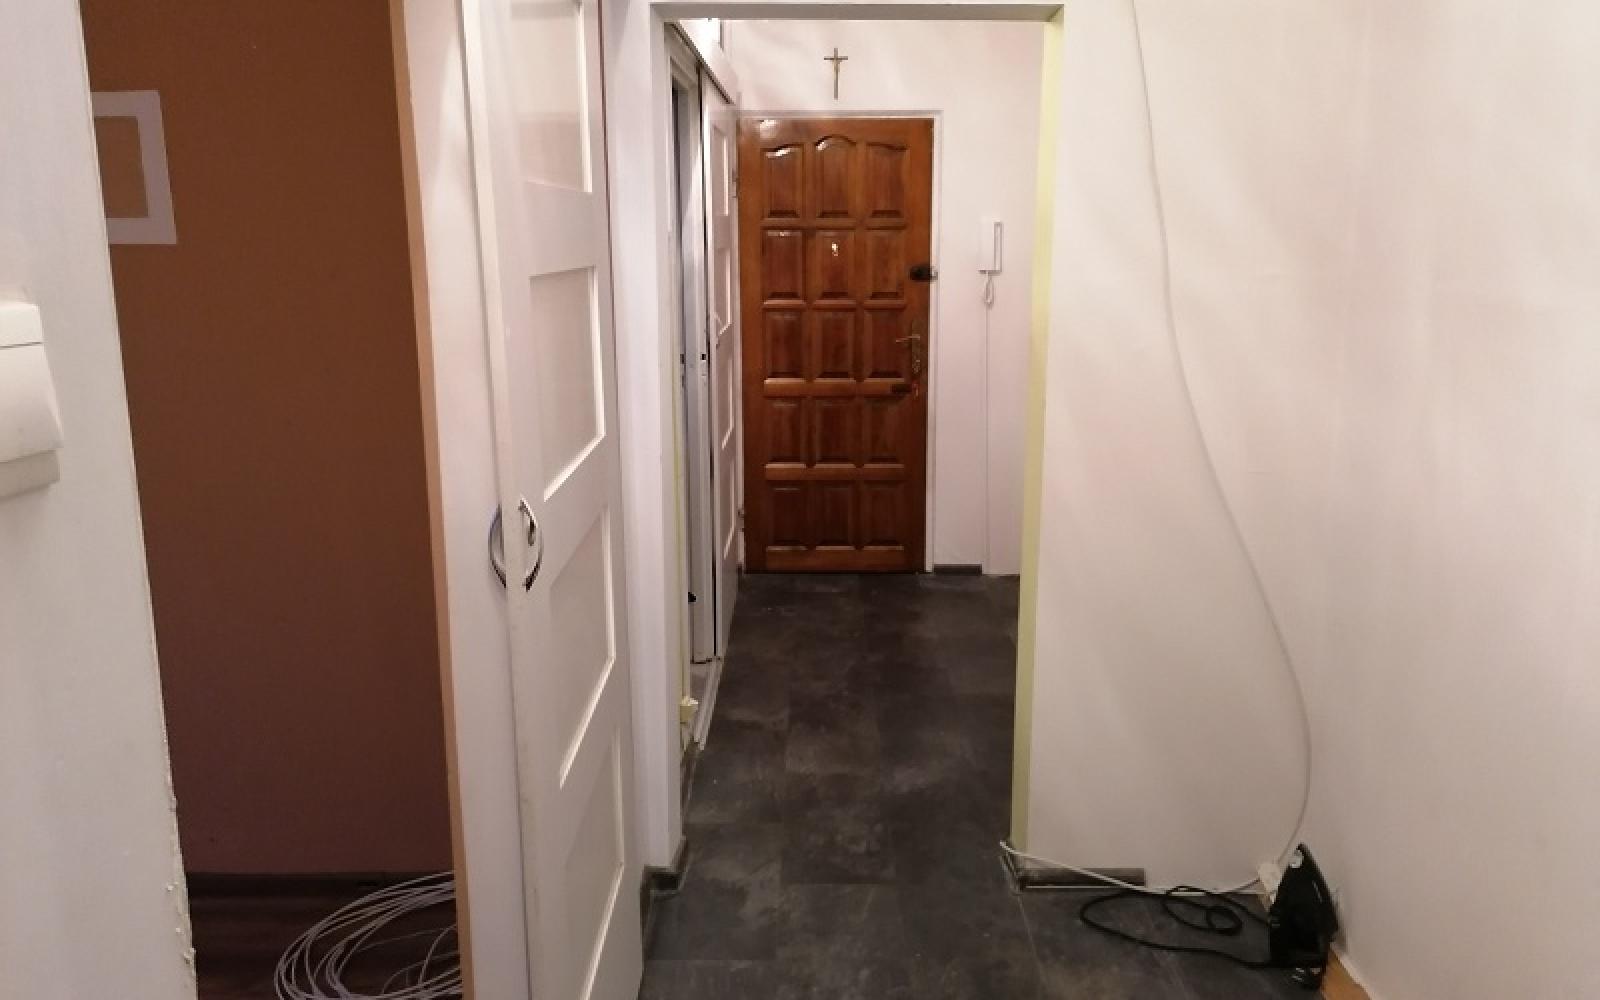 4 Bedrooms Bedrooms, 5 Rooms Rooms,1 BathroomBathrooms,Mieszkania,Sprzedaż,1066